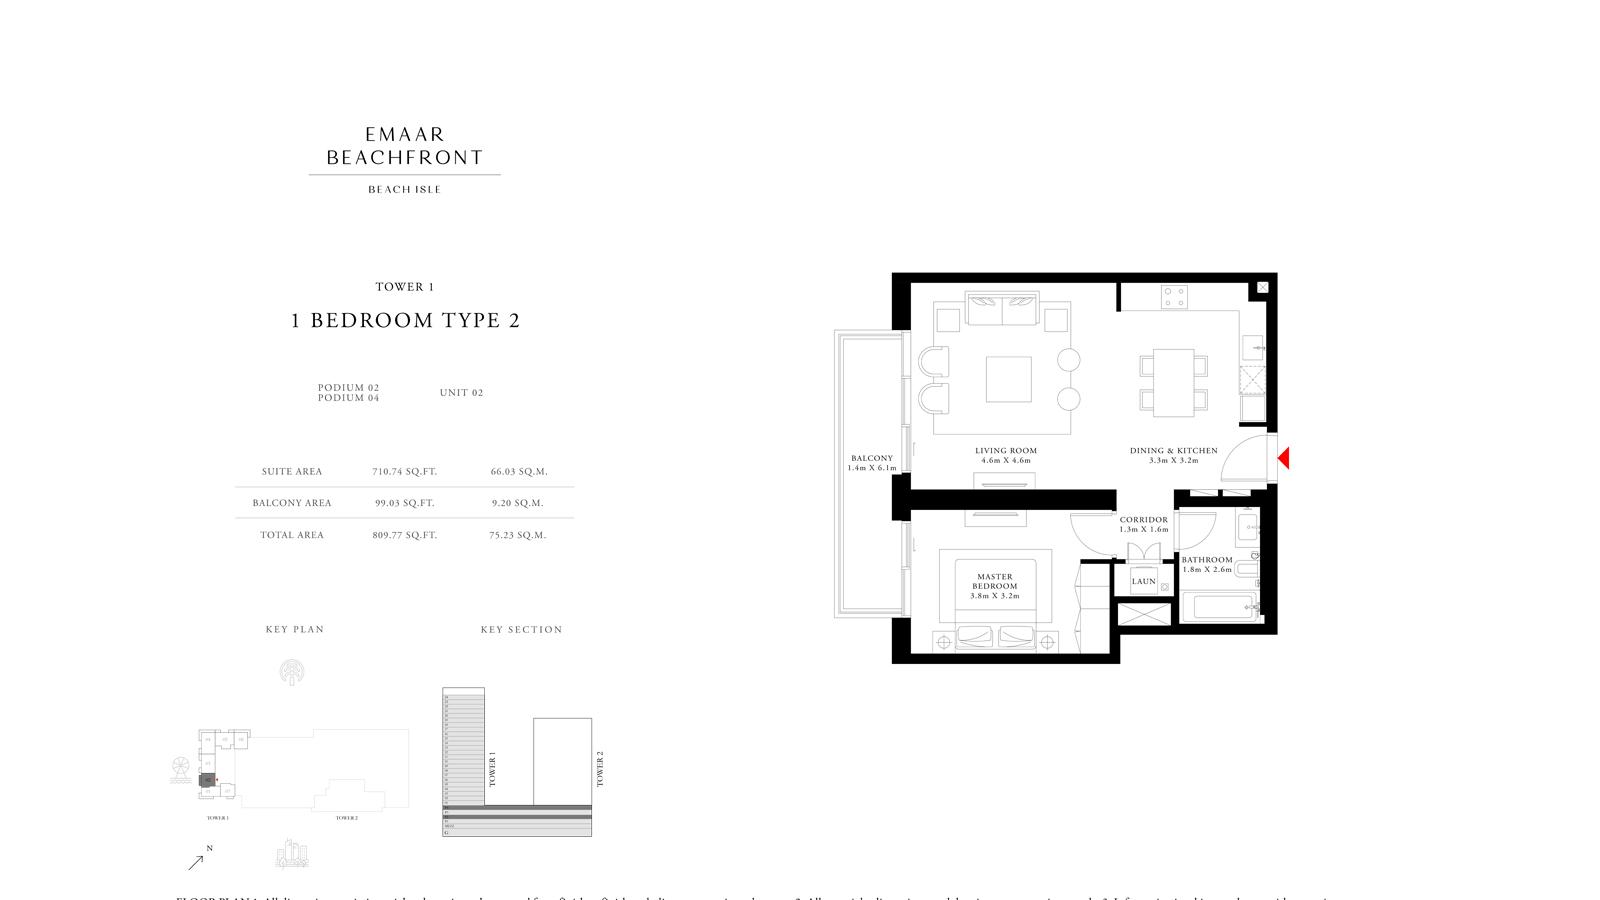 غرفة نوم واحدة،   نوع 2 برج 1 ، حجم 809 قدم مربع